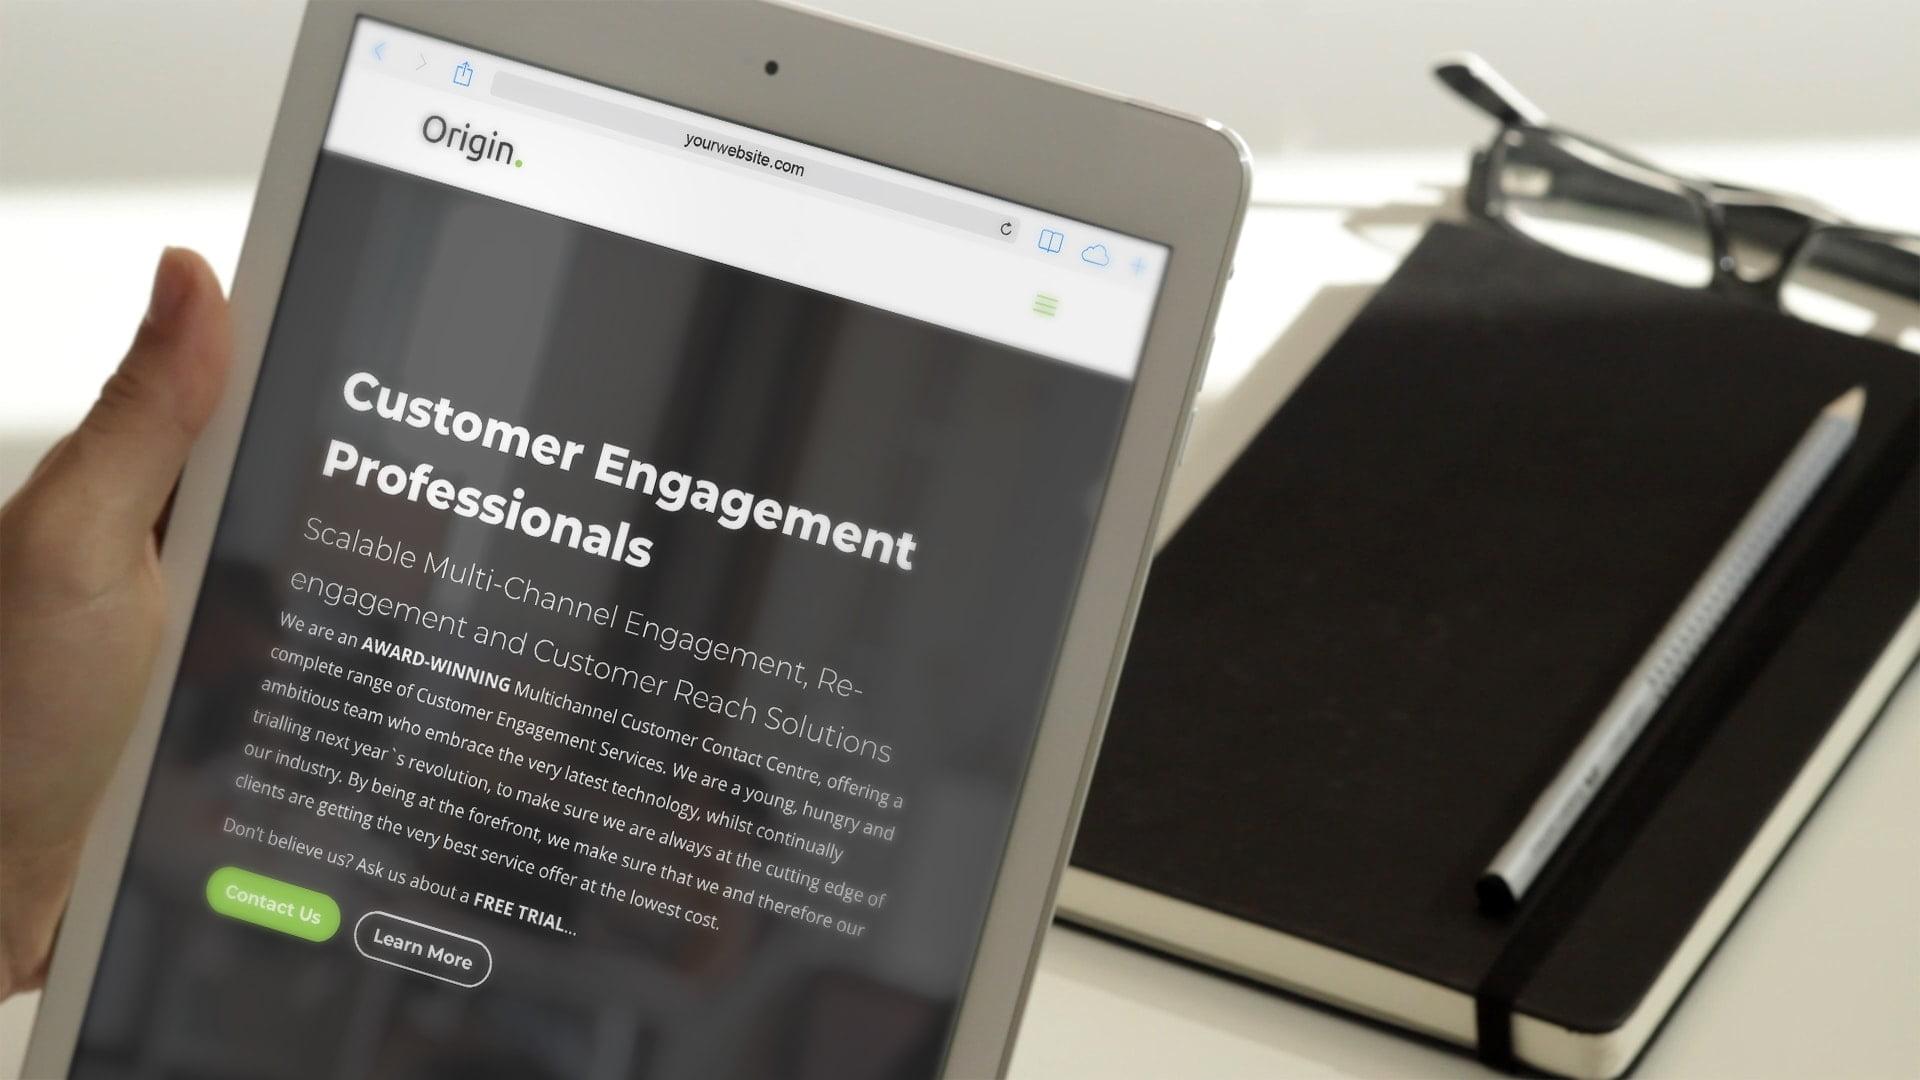 Origin website tablet view